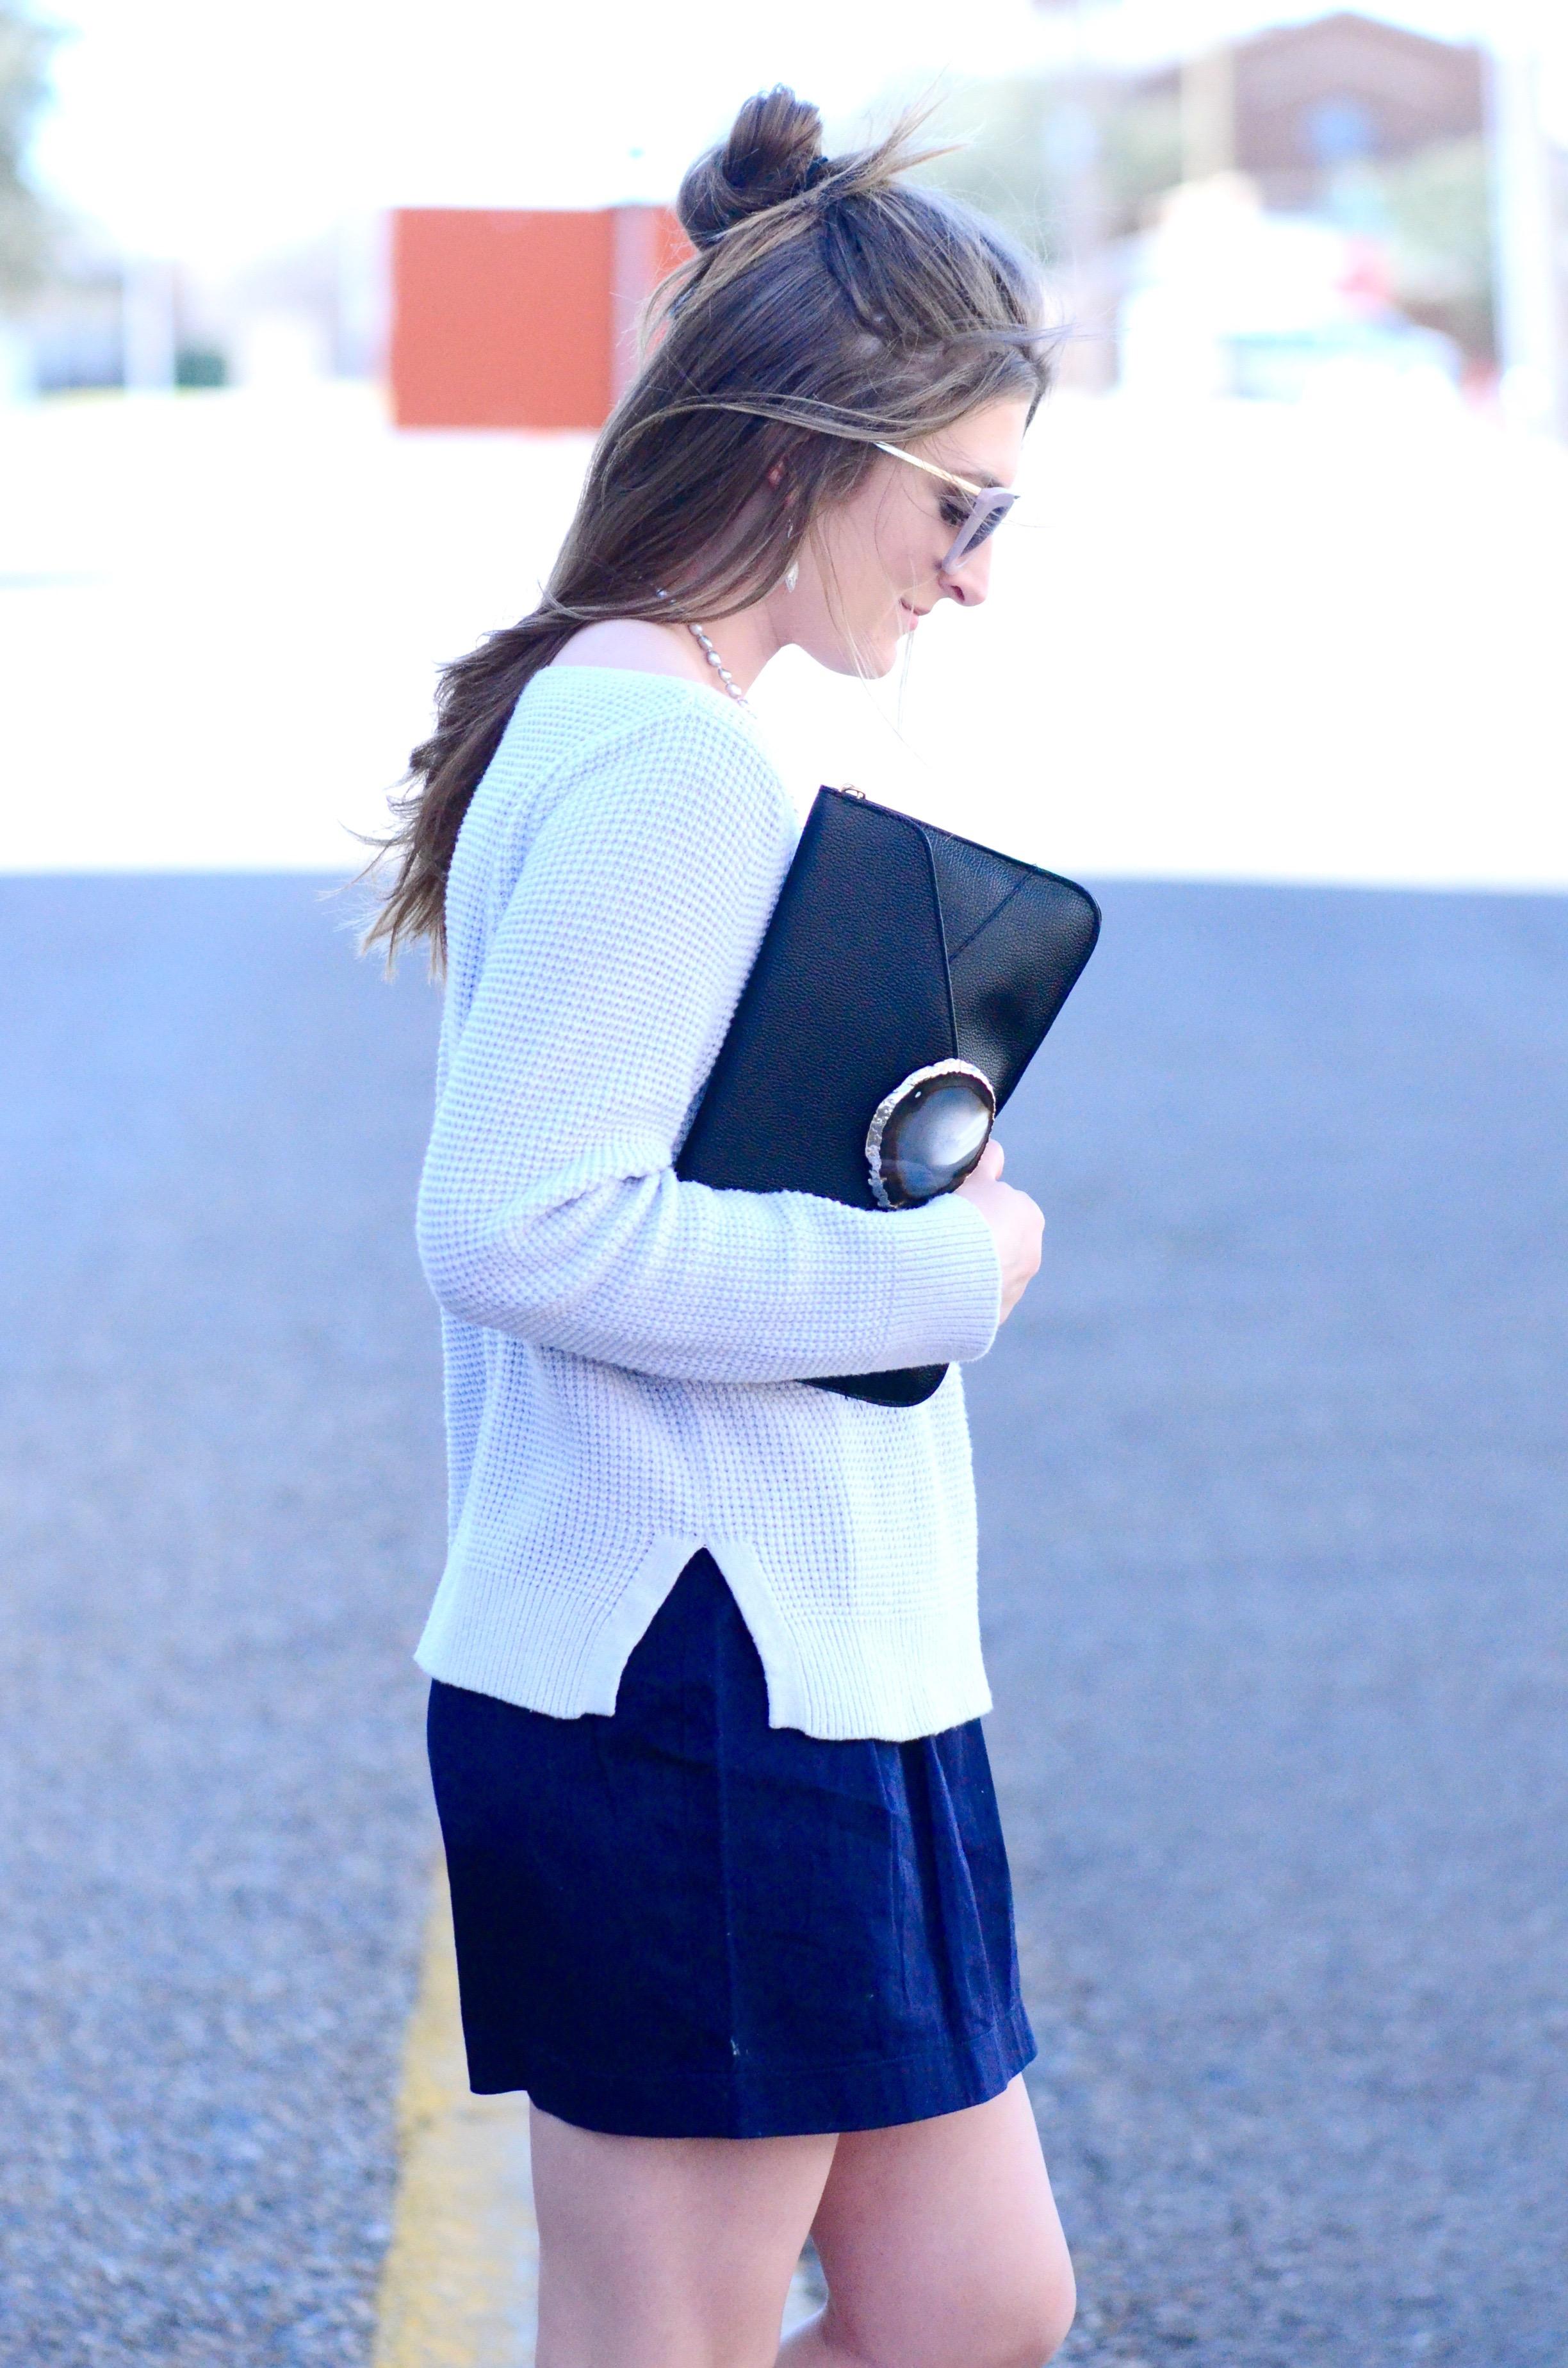 frill clothing skirt